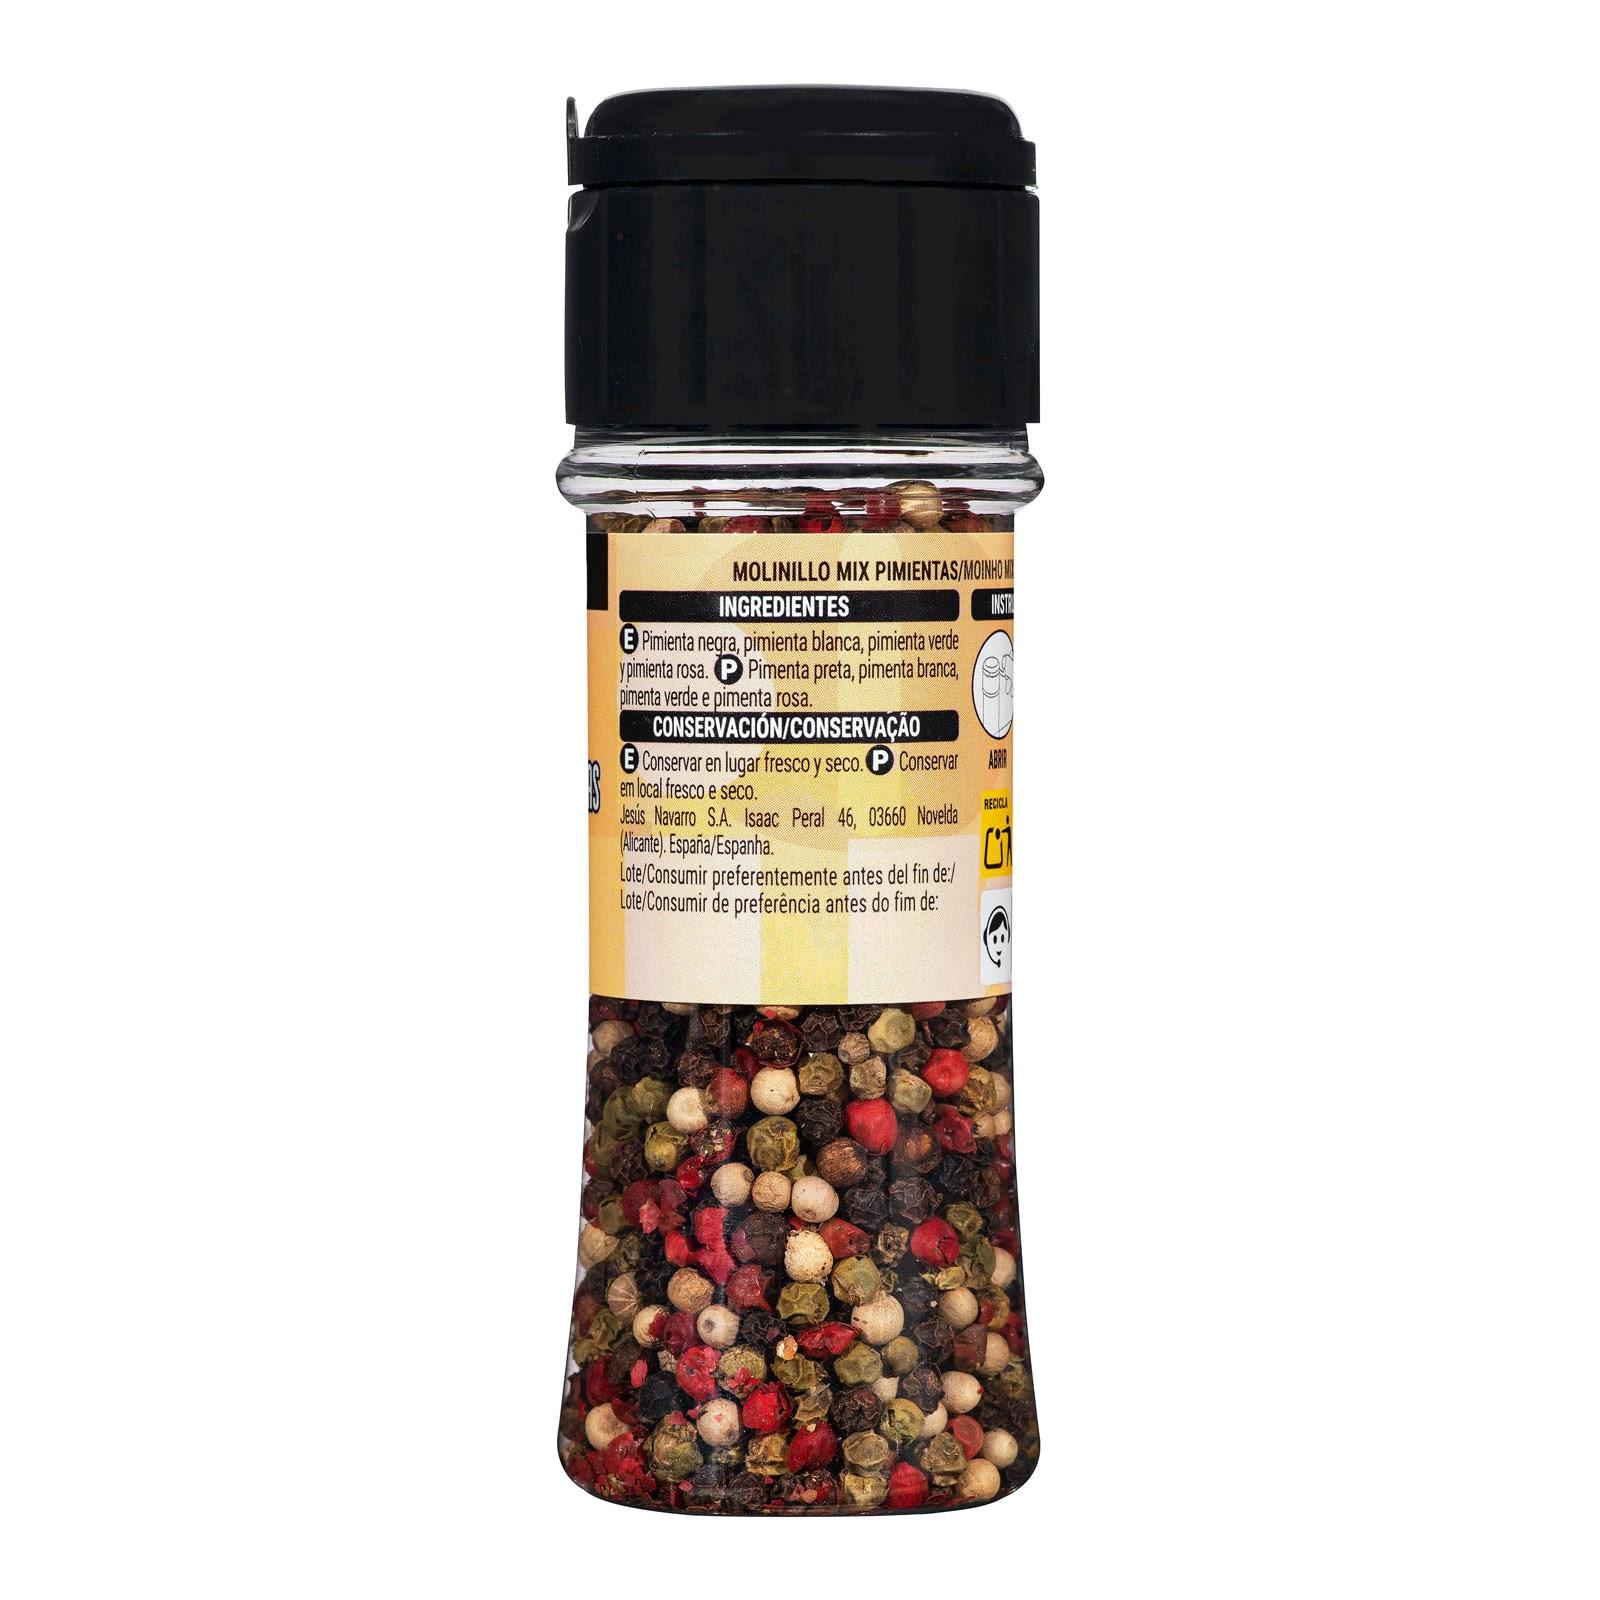 Molinillo mix de pimientas Hacendado